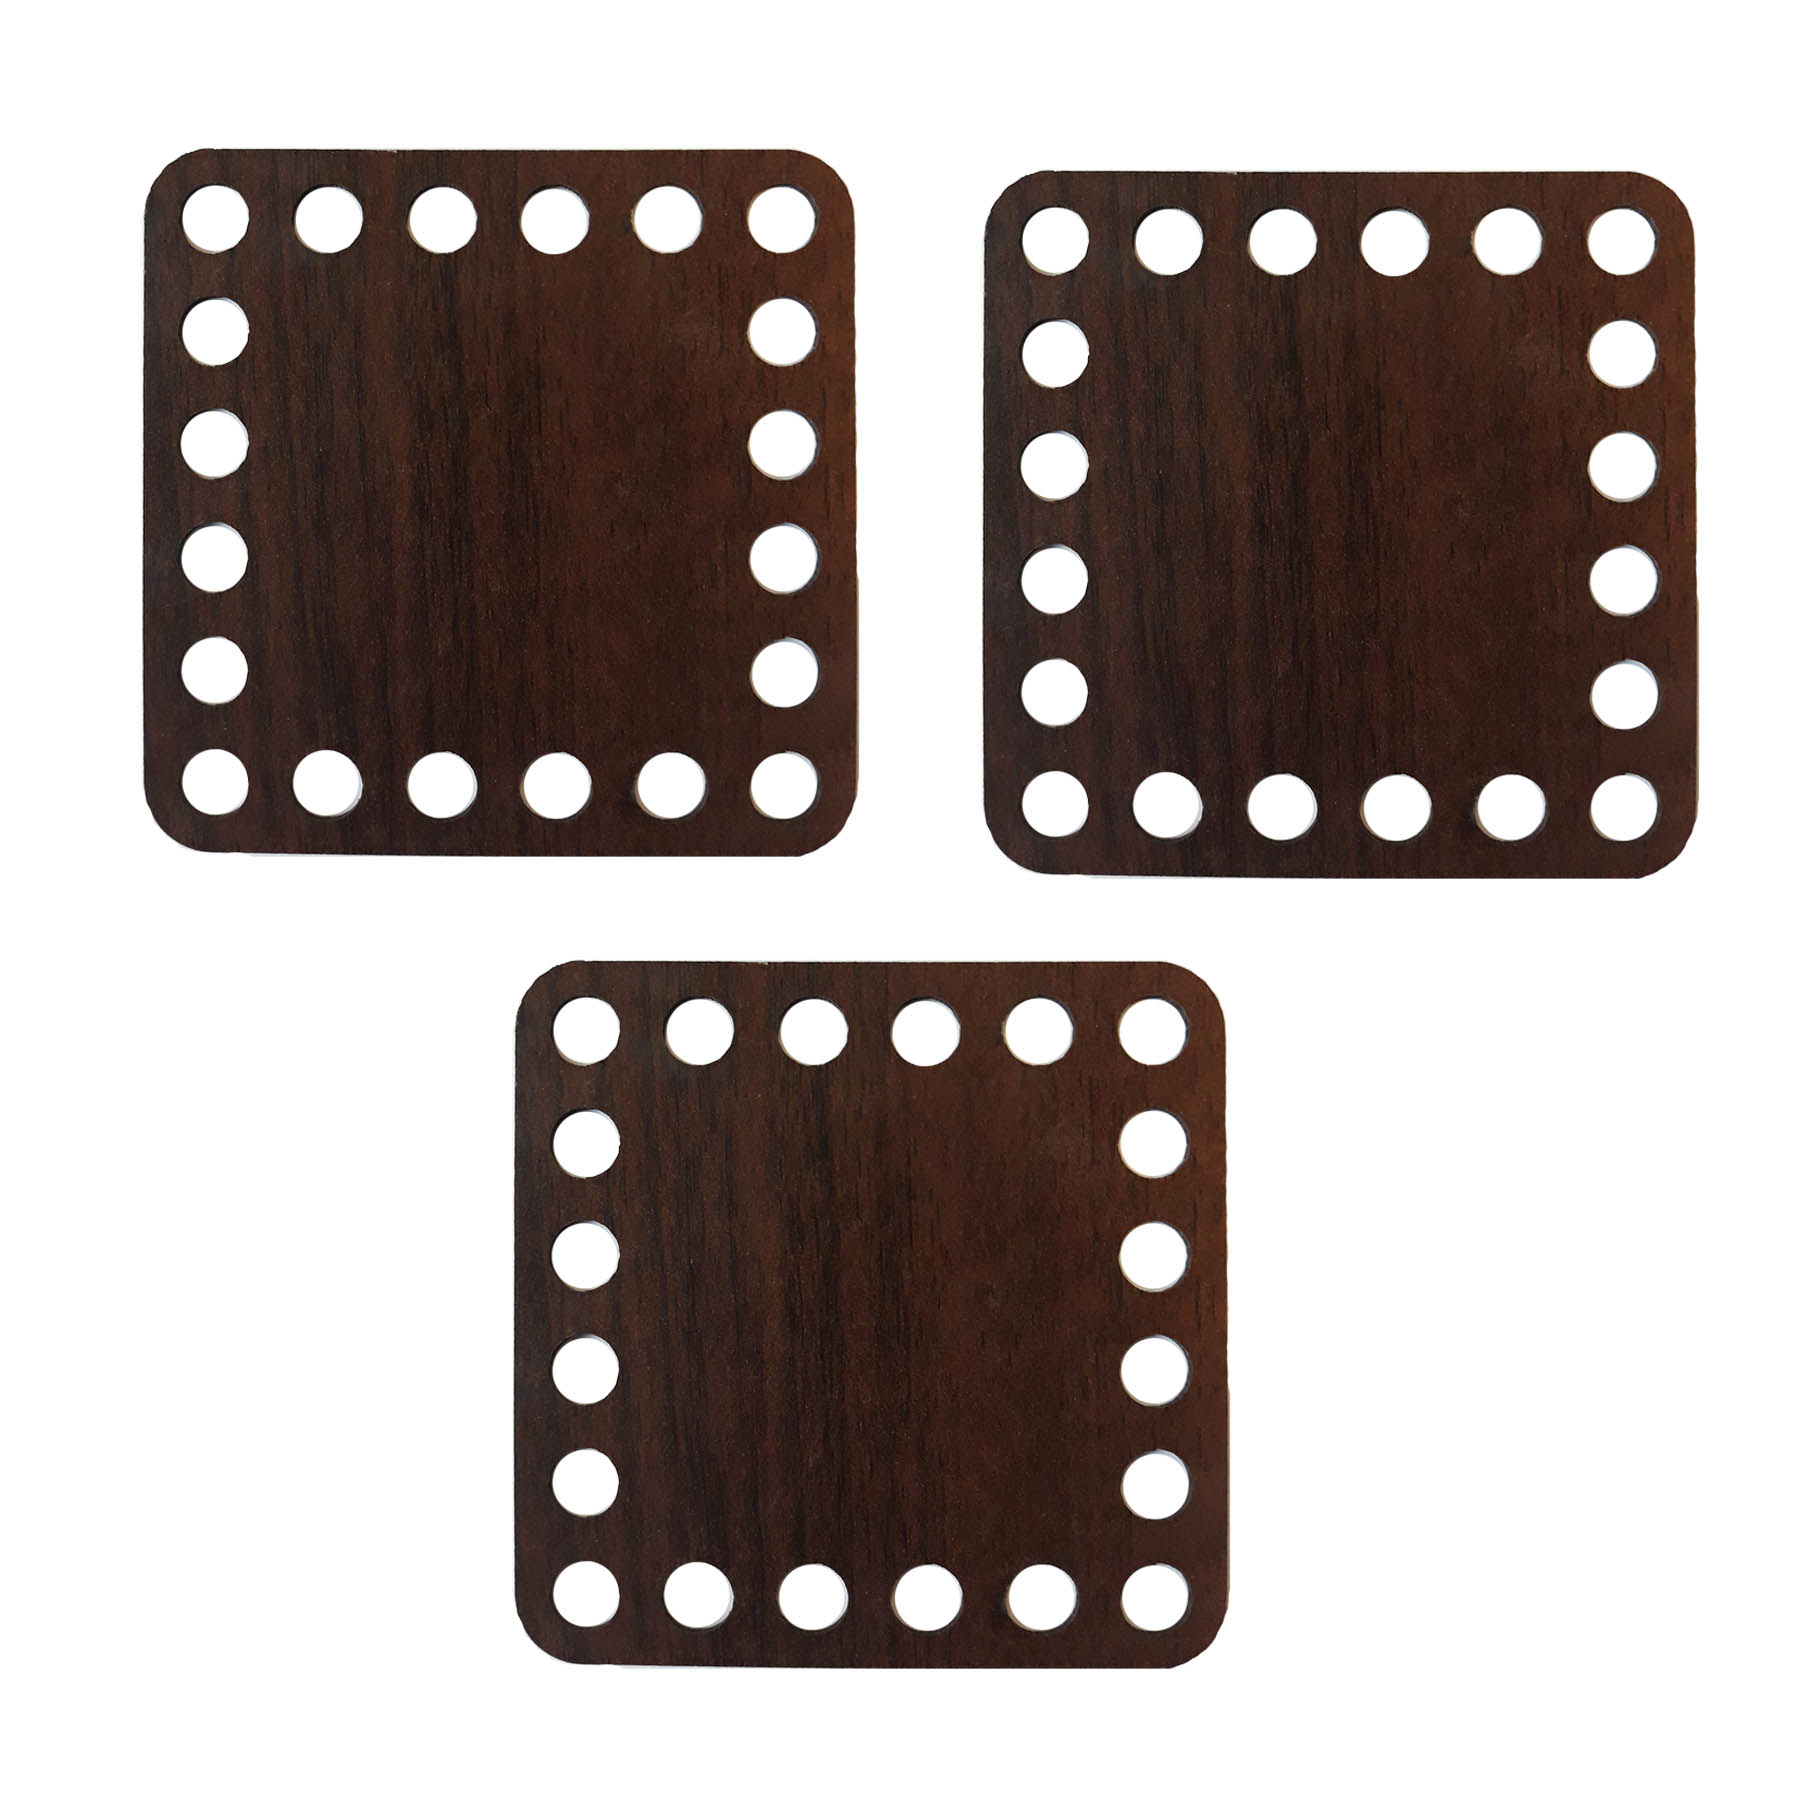 کفی تریکو بافی مدل مربع کد M10 بسته 3 عددی